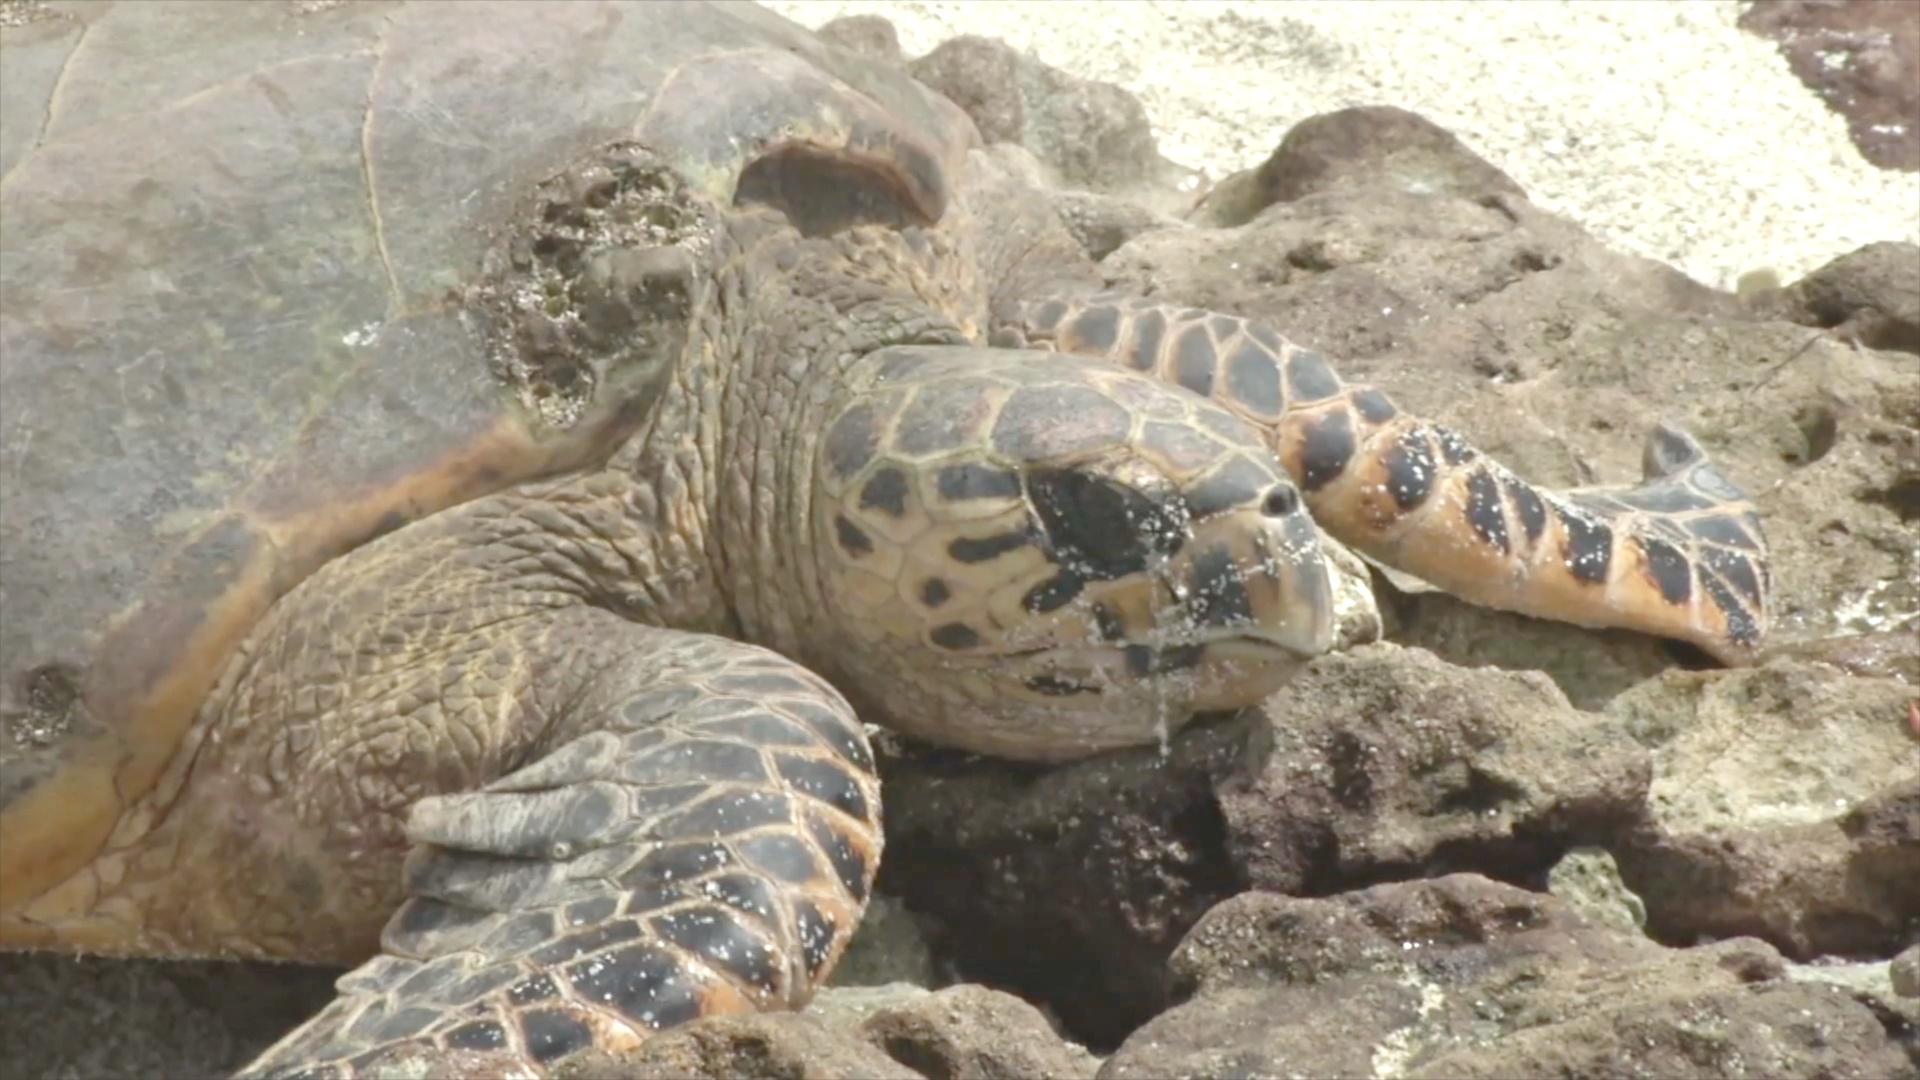 Редкие черепахи хоксбилл успешно размножаются на Сейшелах